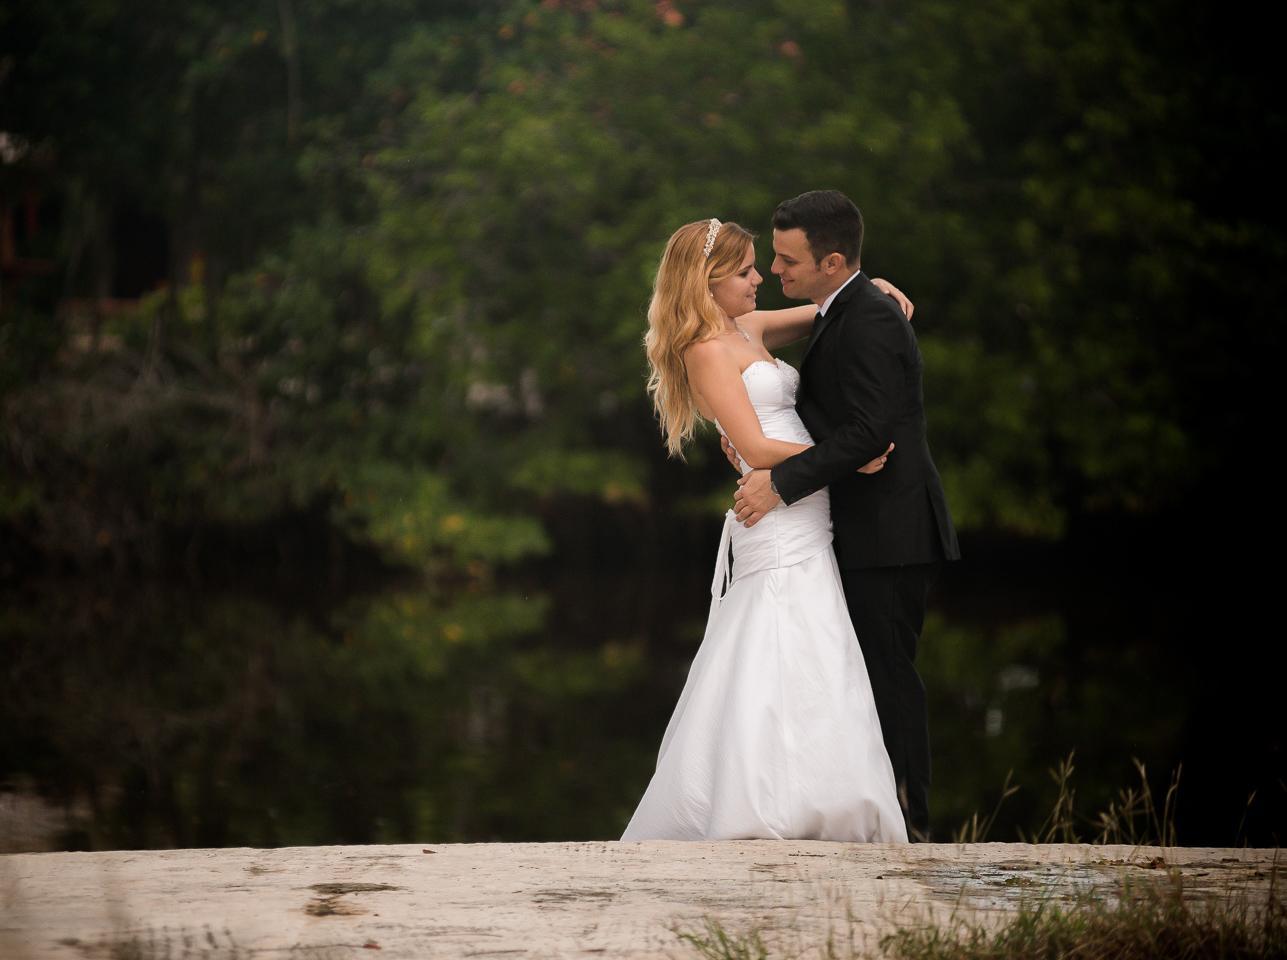 bodas-estilo-libre-sin-tema-cuba-11061.jpg